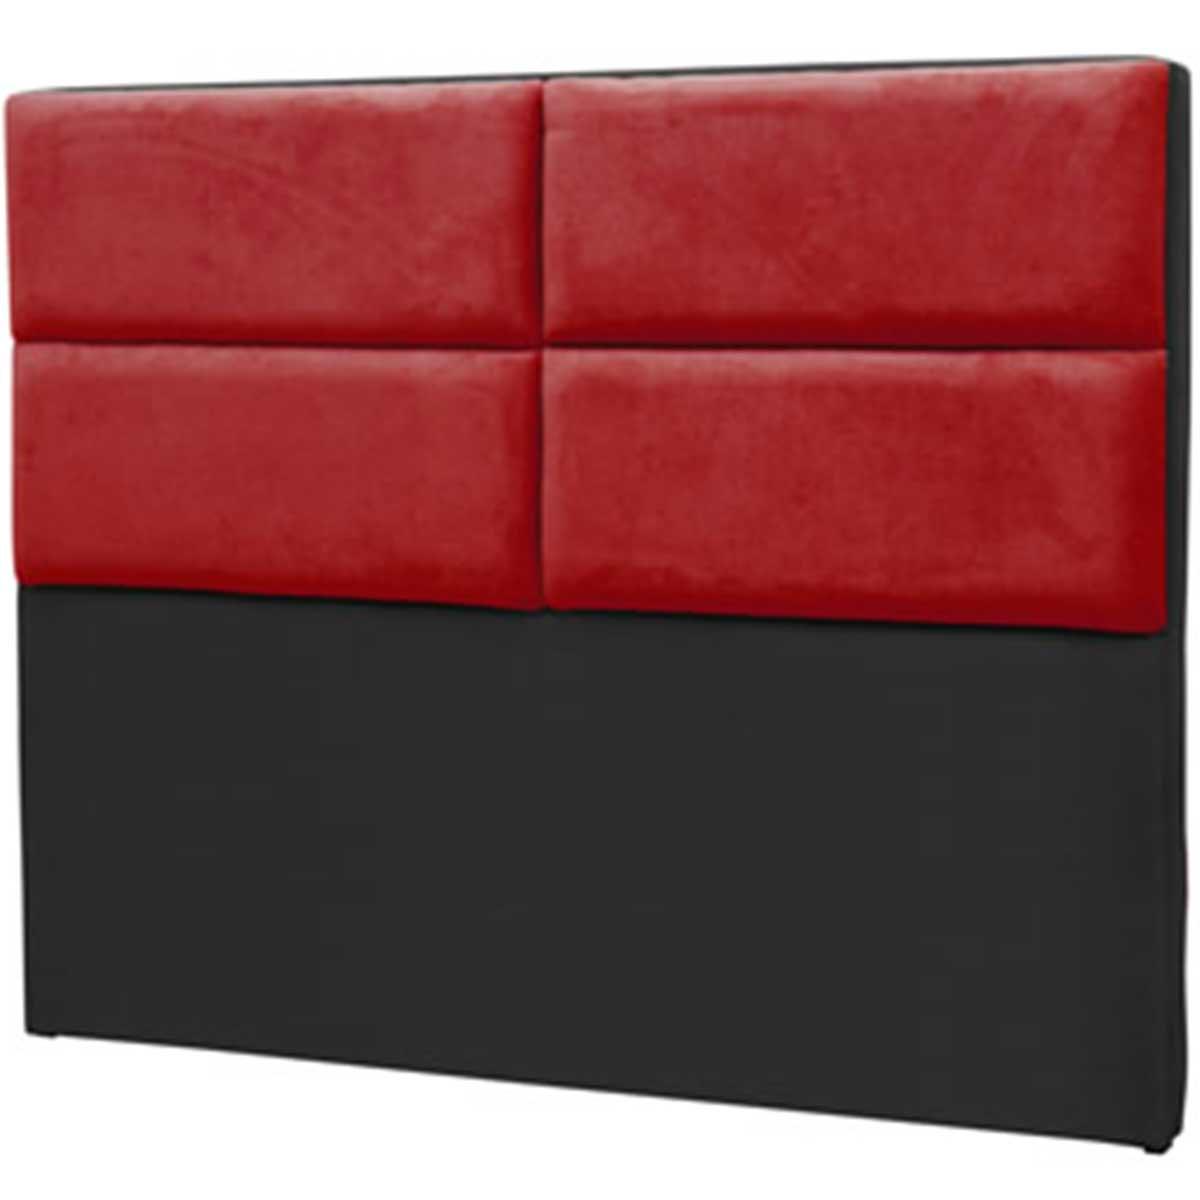 Cabeceira Barcelona Solteiro 90 cm Preto/Vermelho Perfan